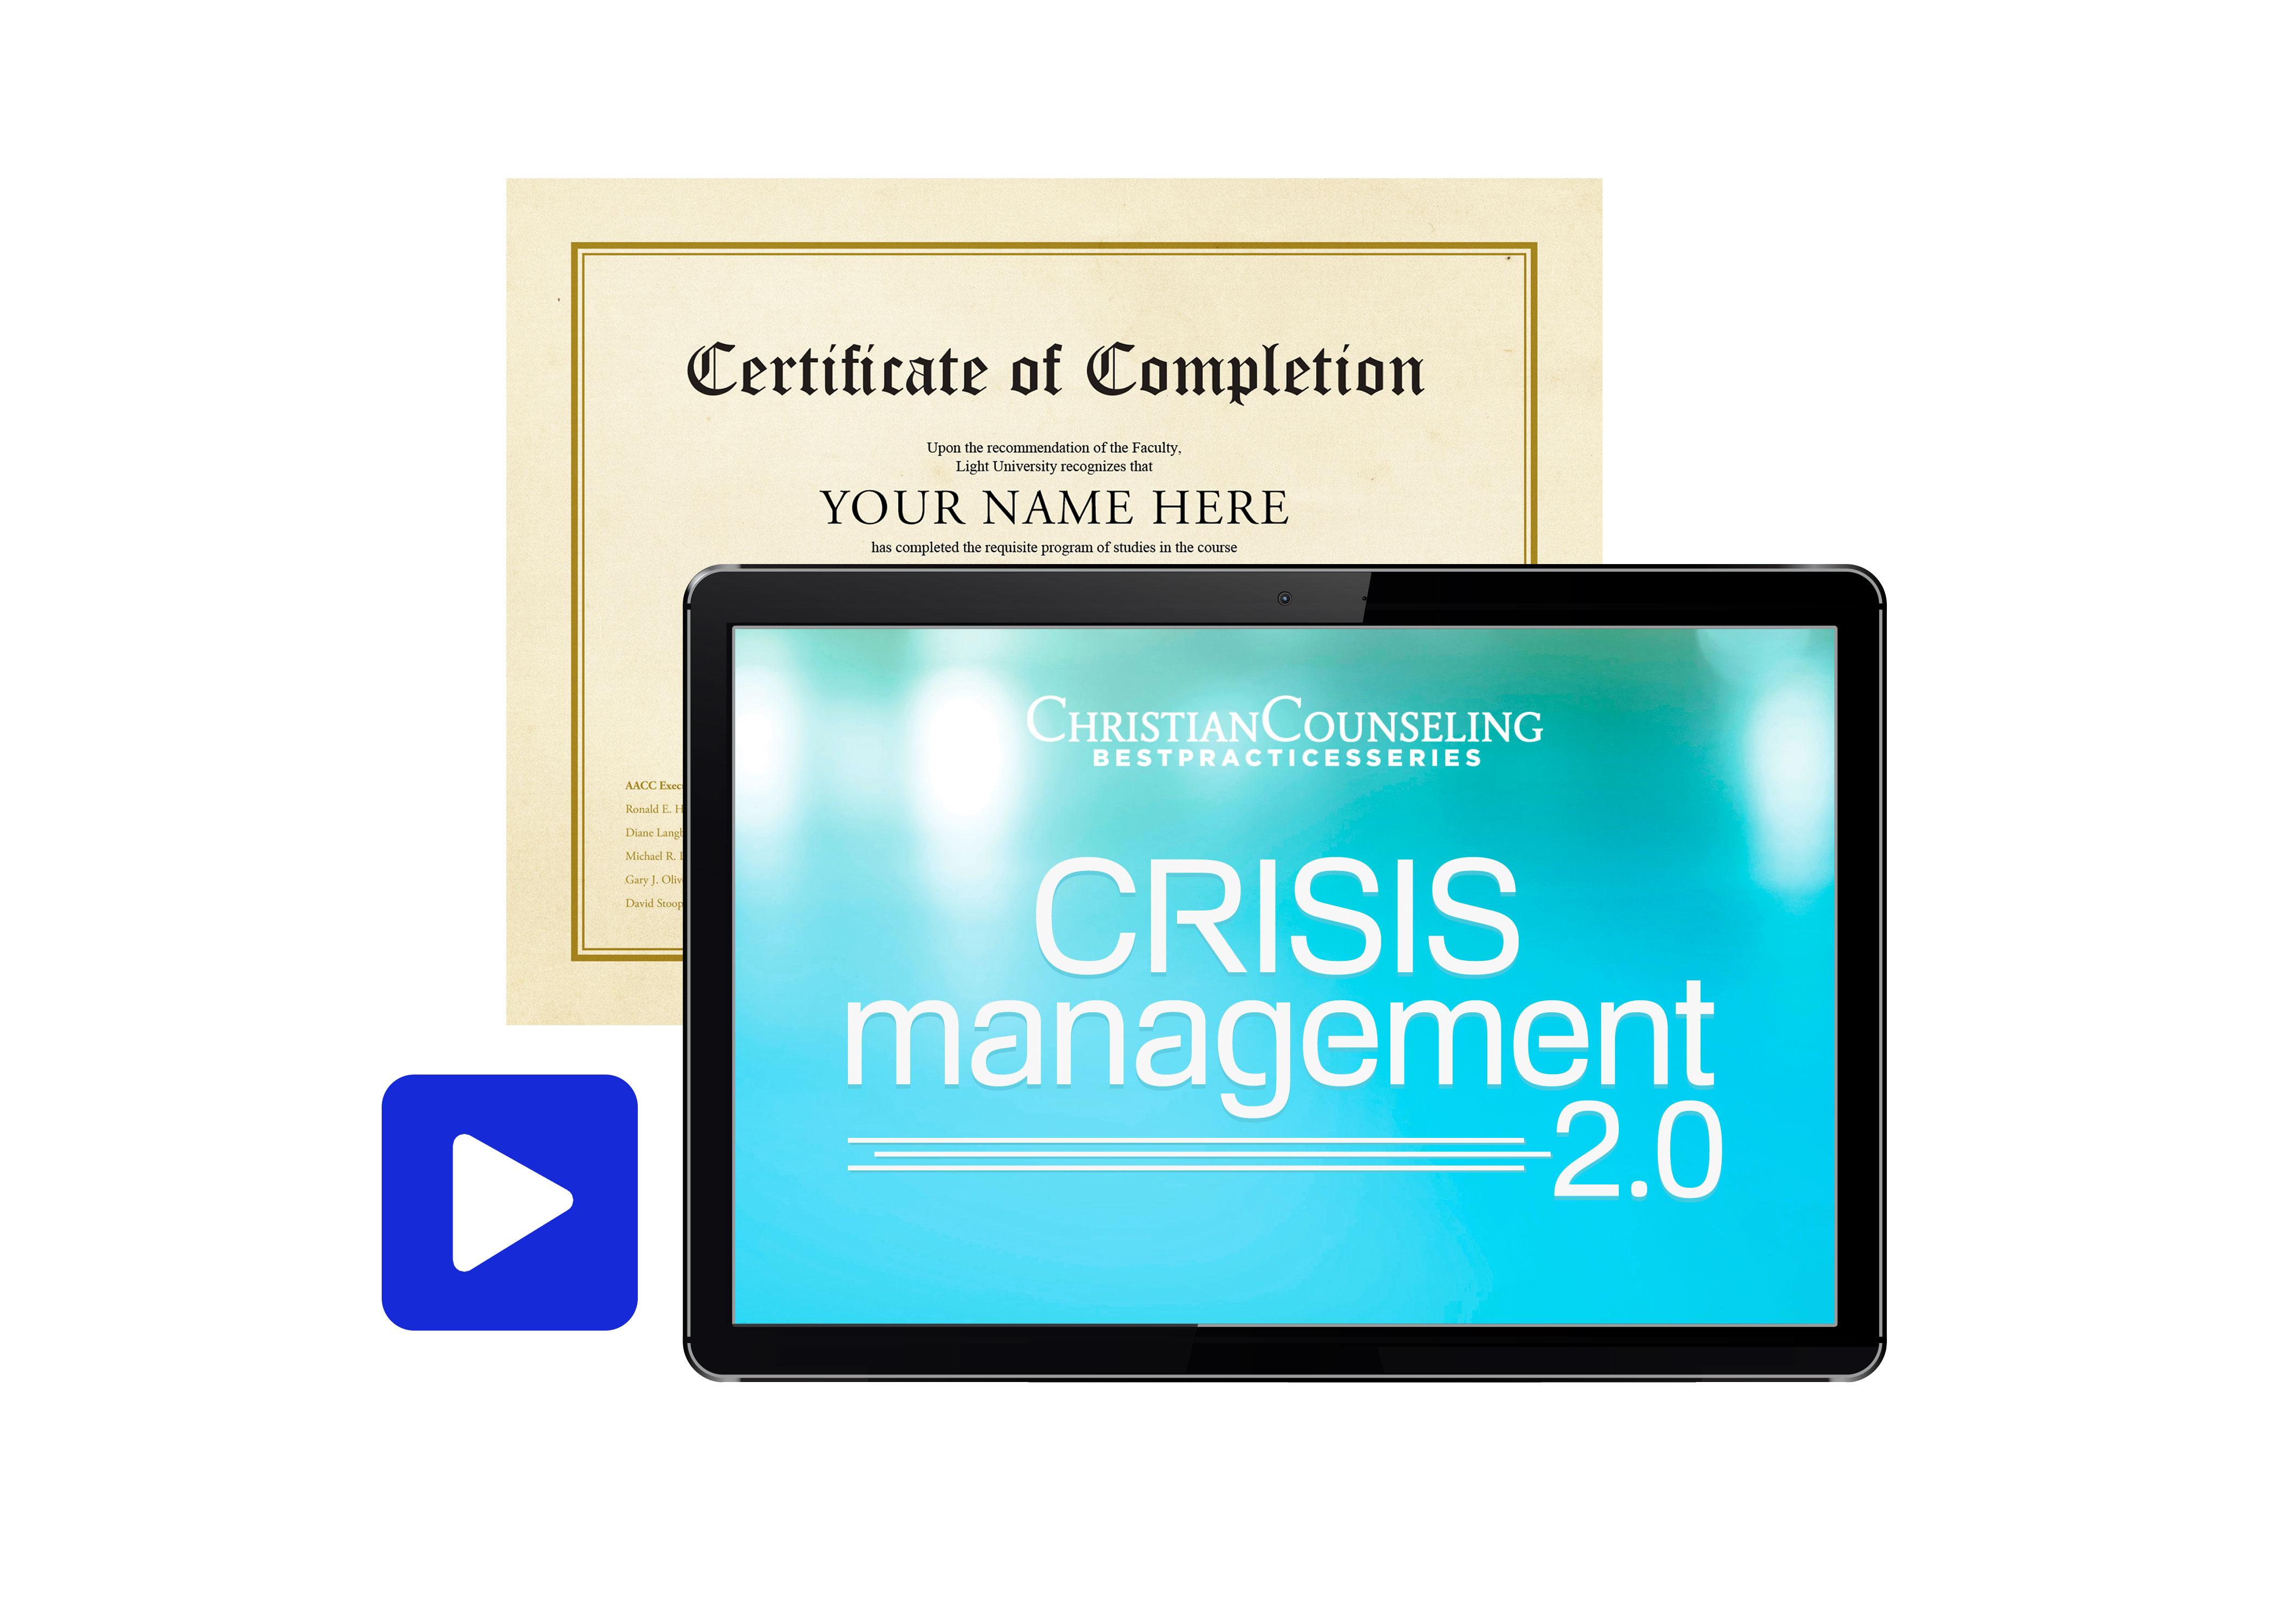 Crisis Management 2.0